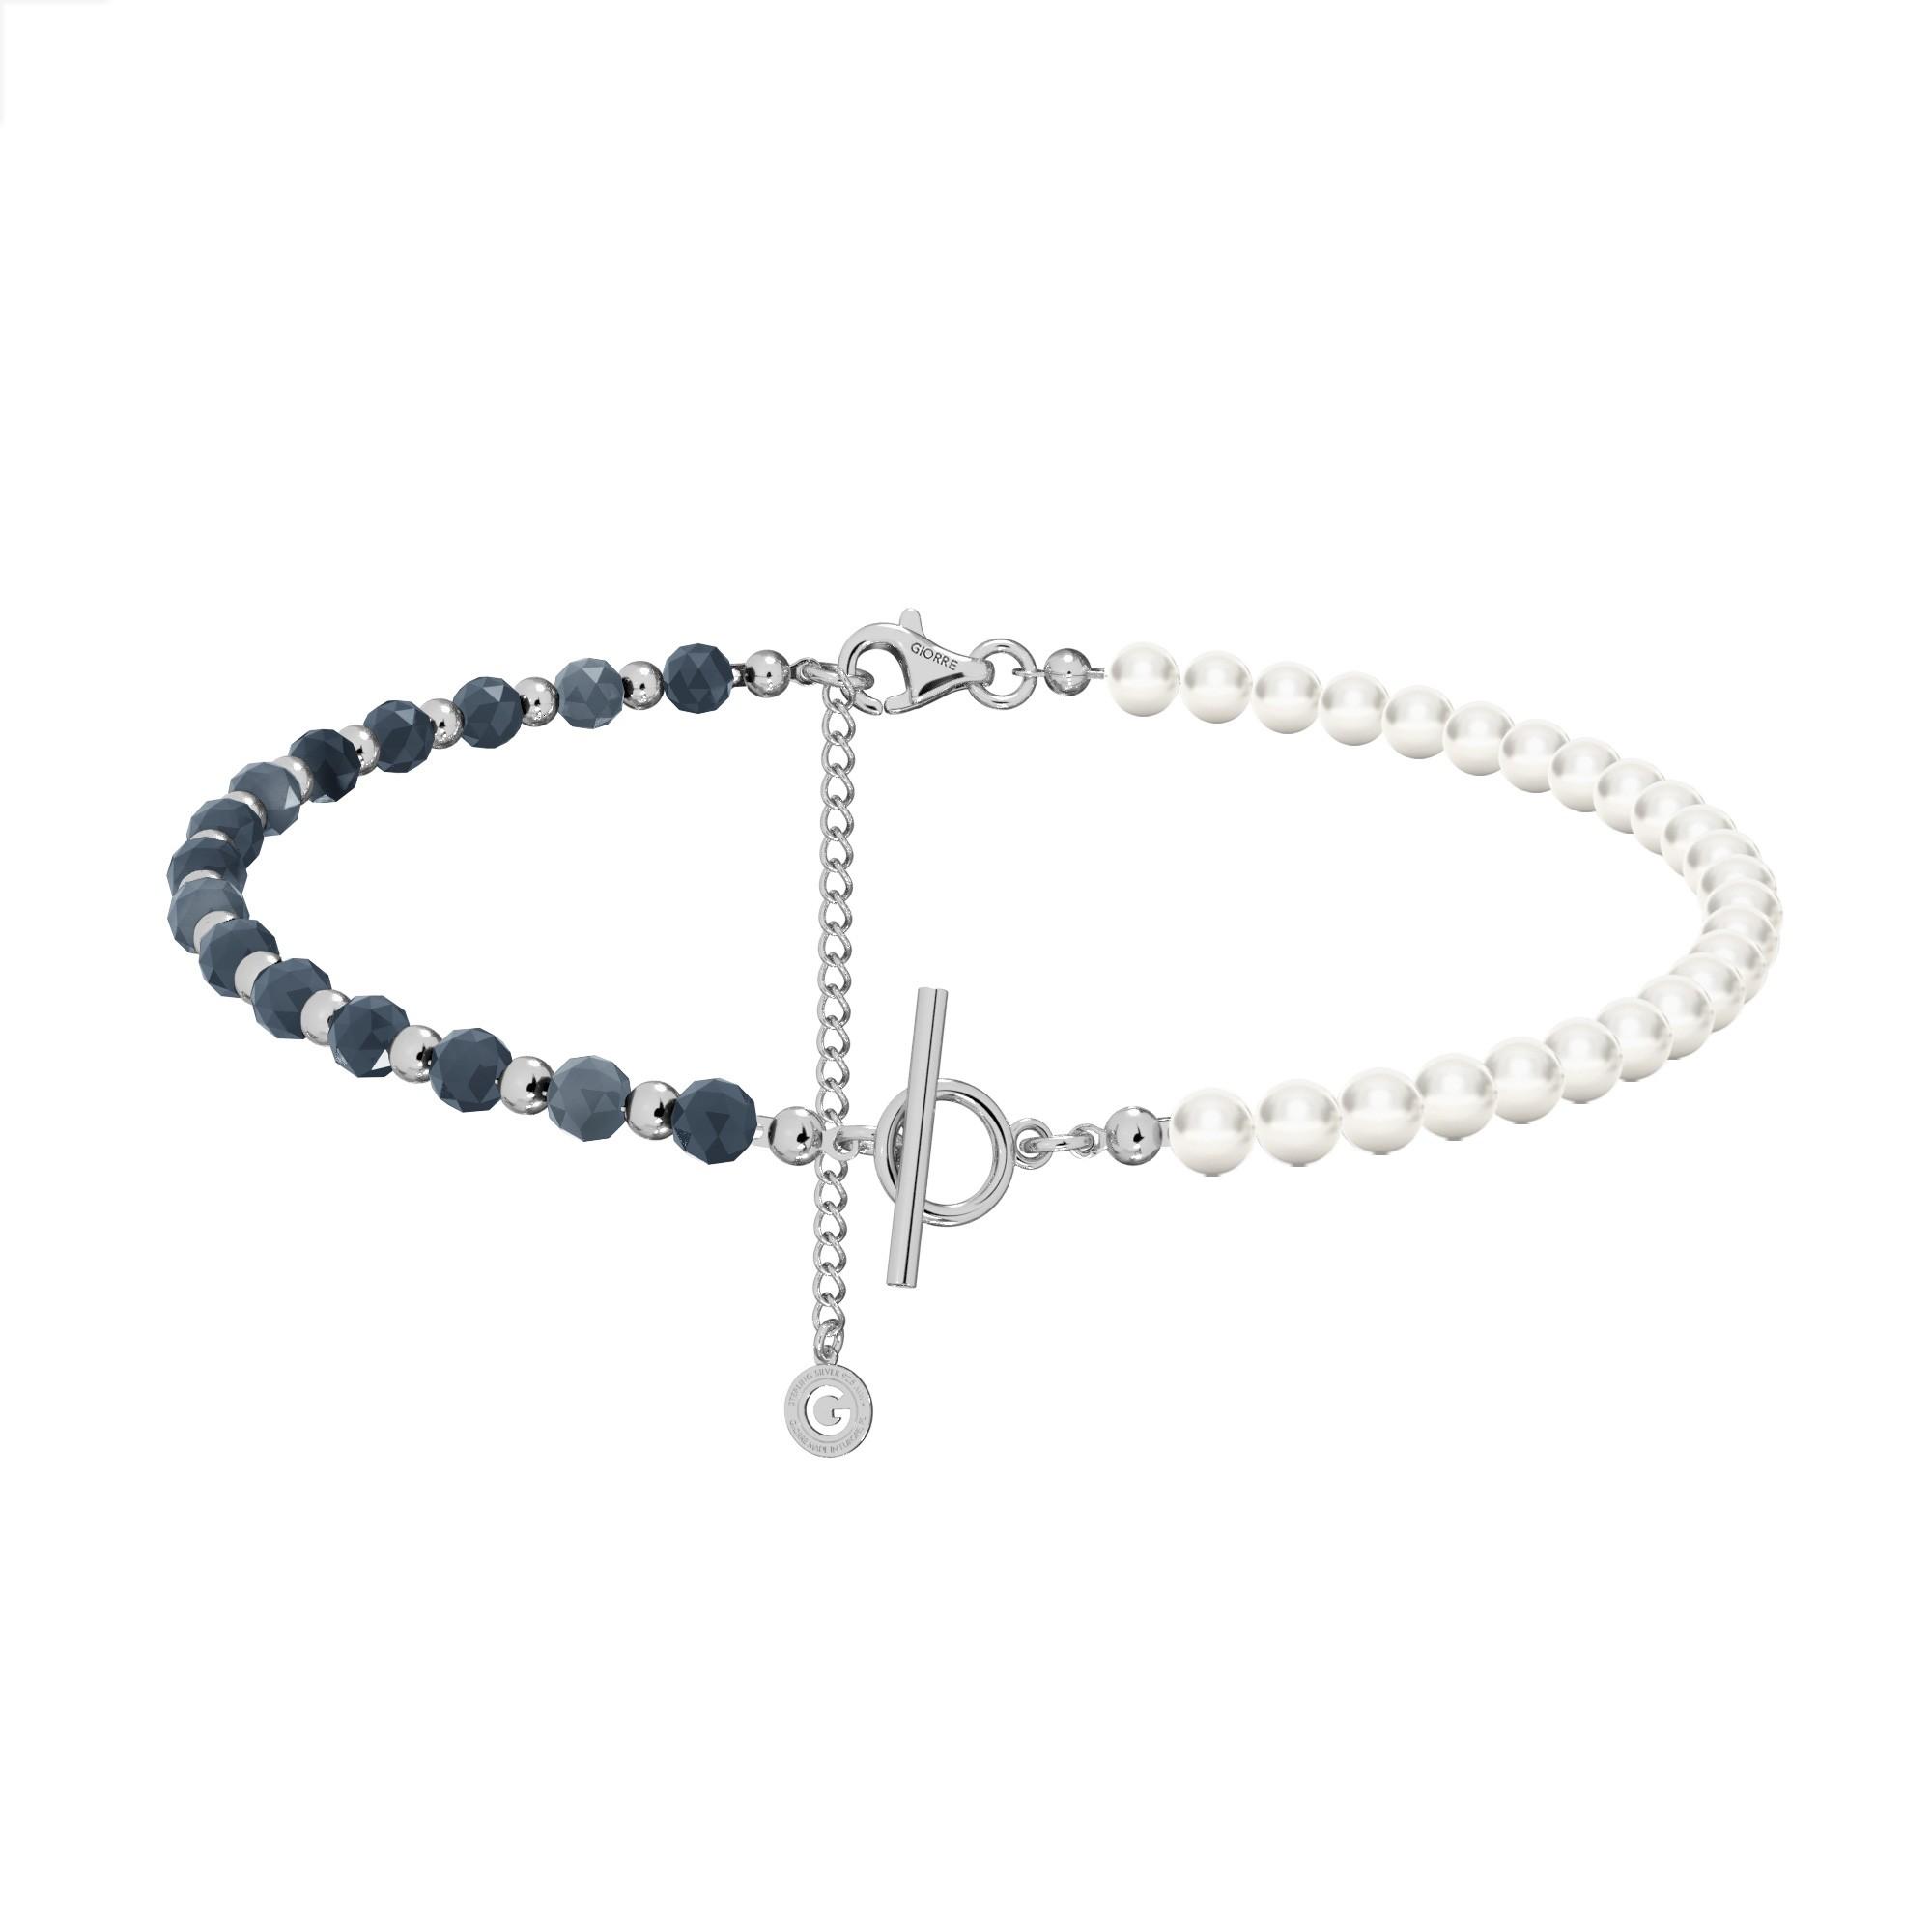 Szafirowy choker z perłami do wpinania charmsów, srebro 925